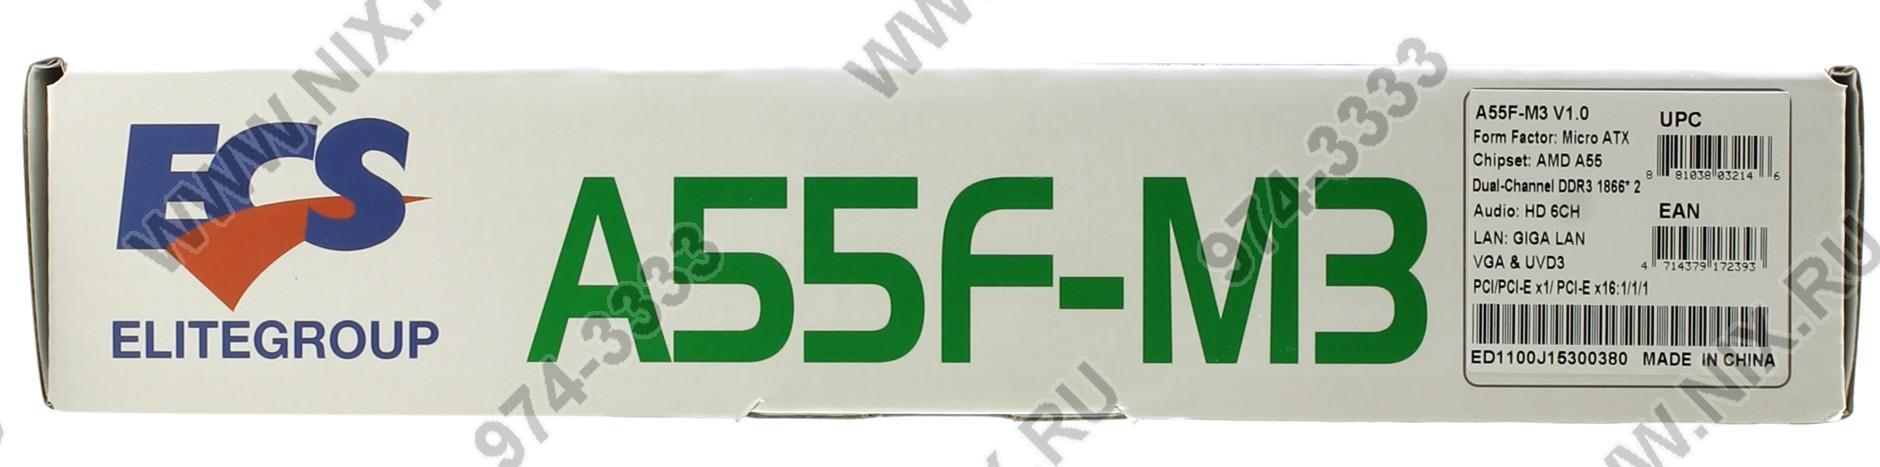 Chipset: amd a55